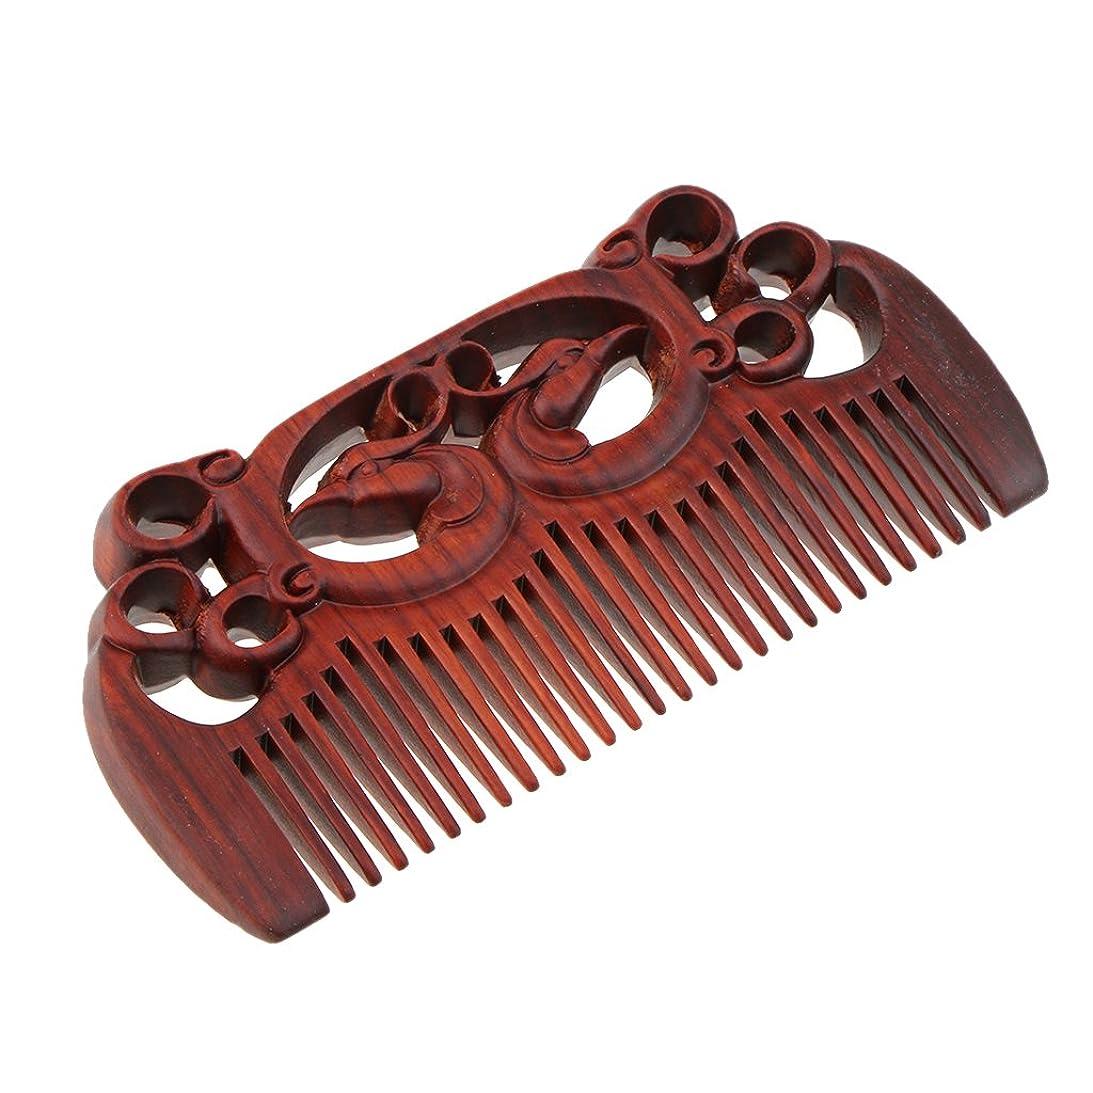 不毛の値する冷えるKesoto ナチュラル ウッドコーム 木製コーム 頭皮マッサージ ワイド歯 ヘアブラシ ヘアスタイリング  2タイプ選べる - #1